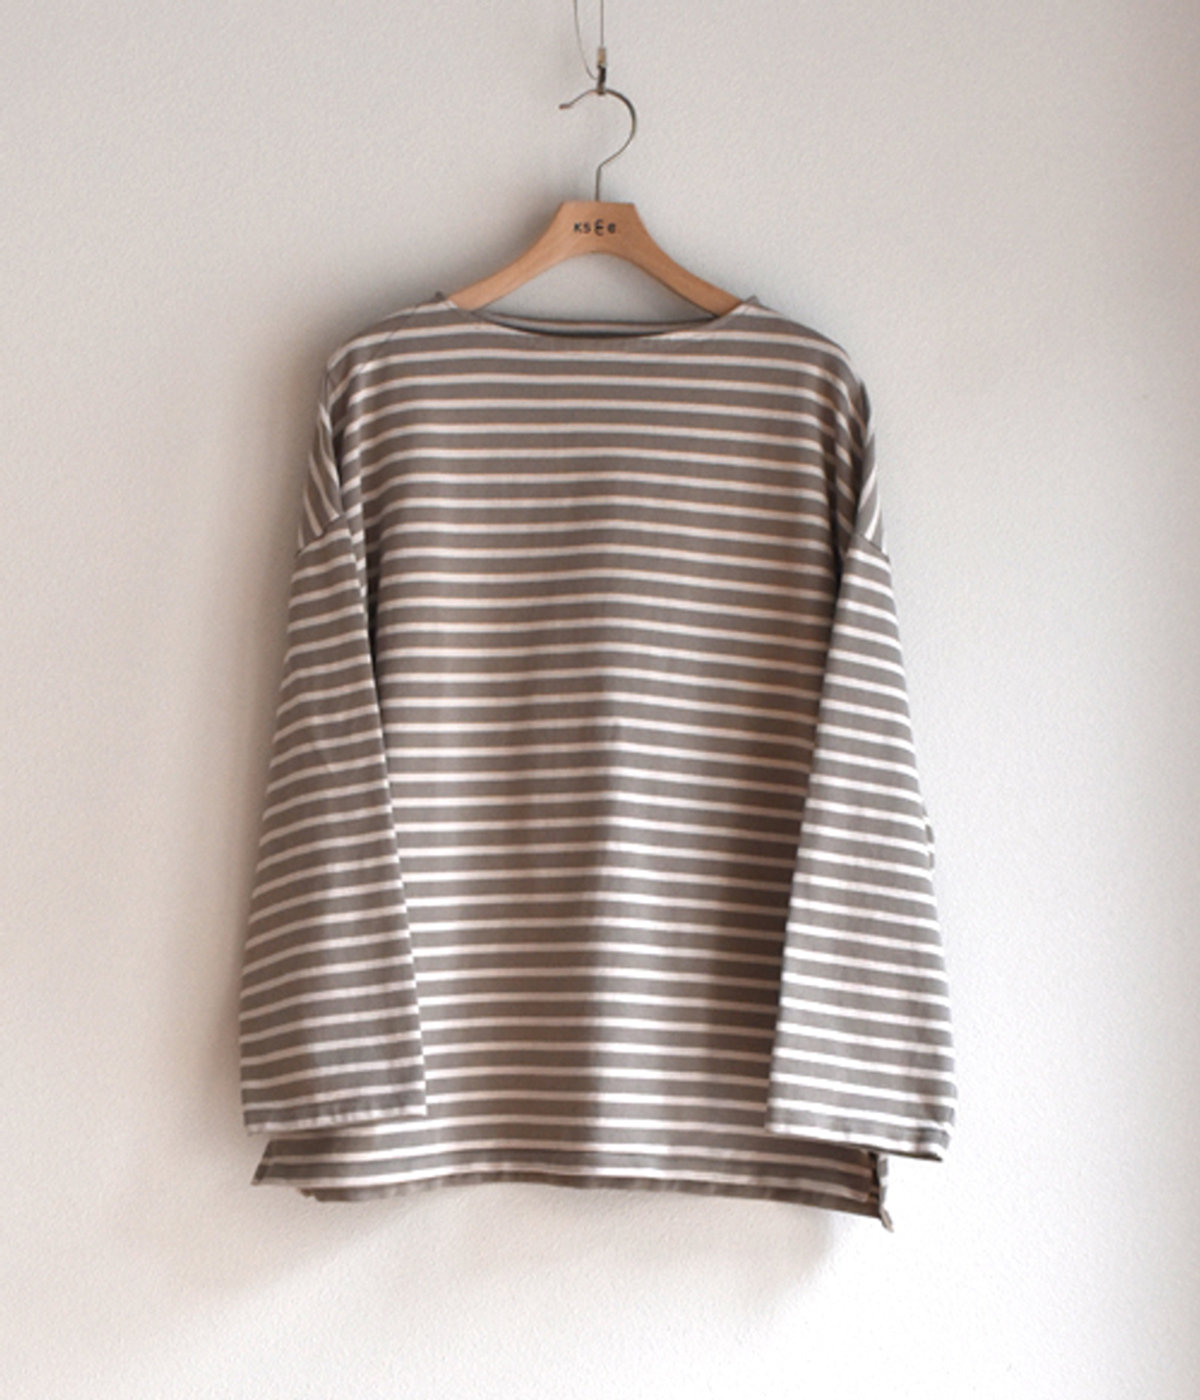 【予約】Suvin Boat neck Shirt